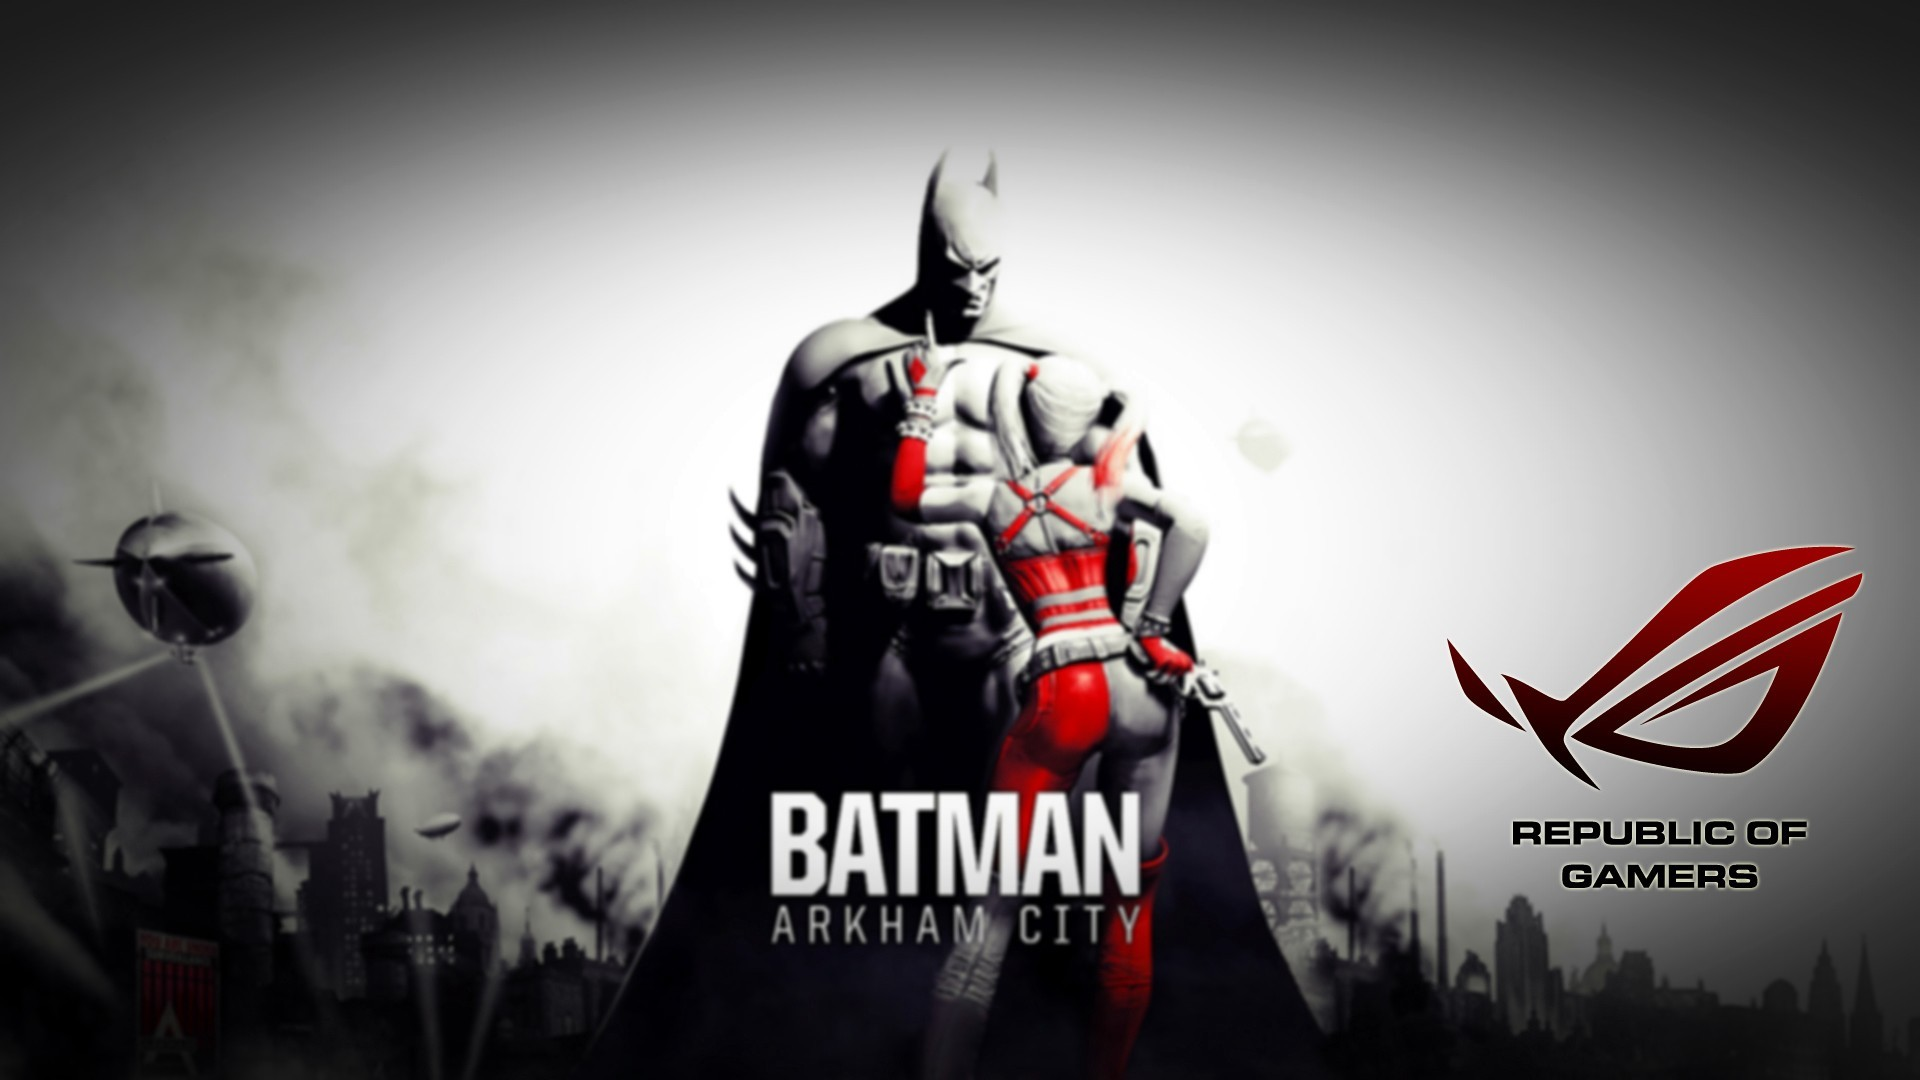 Asus Rog Republic Of Gamers Wallpaper - Batman Arkham City , HD Wallpaper & Backgrounds